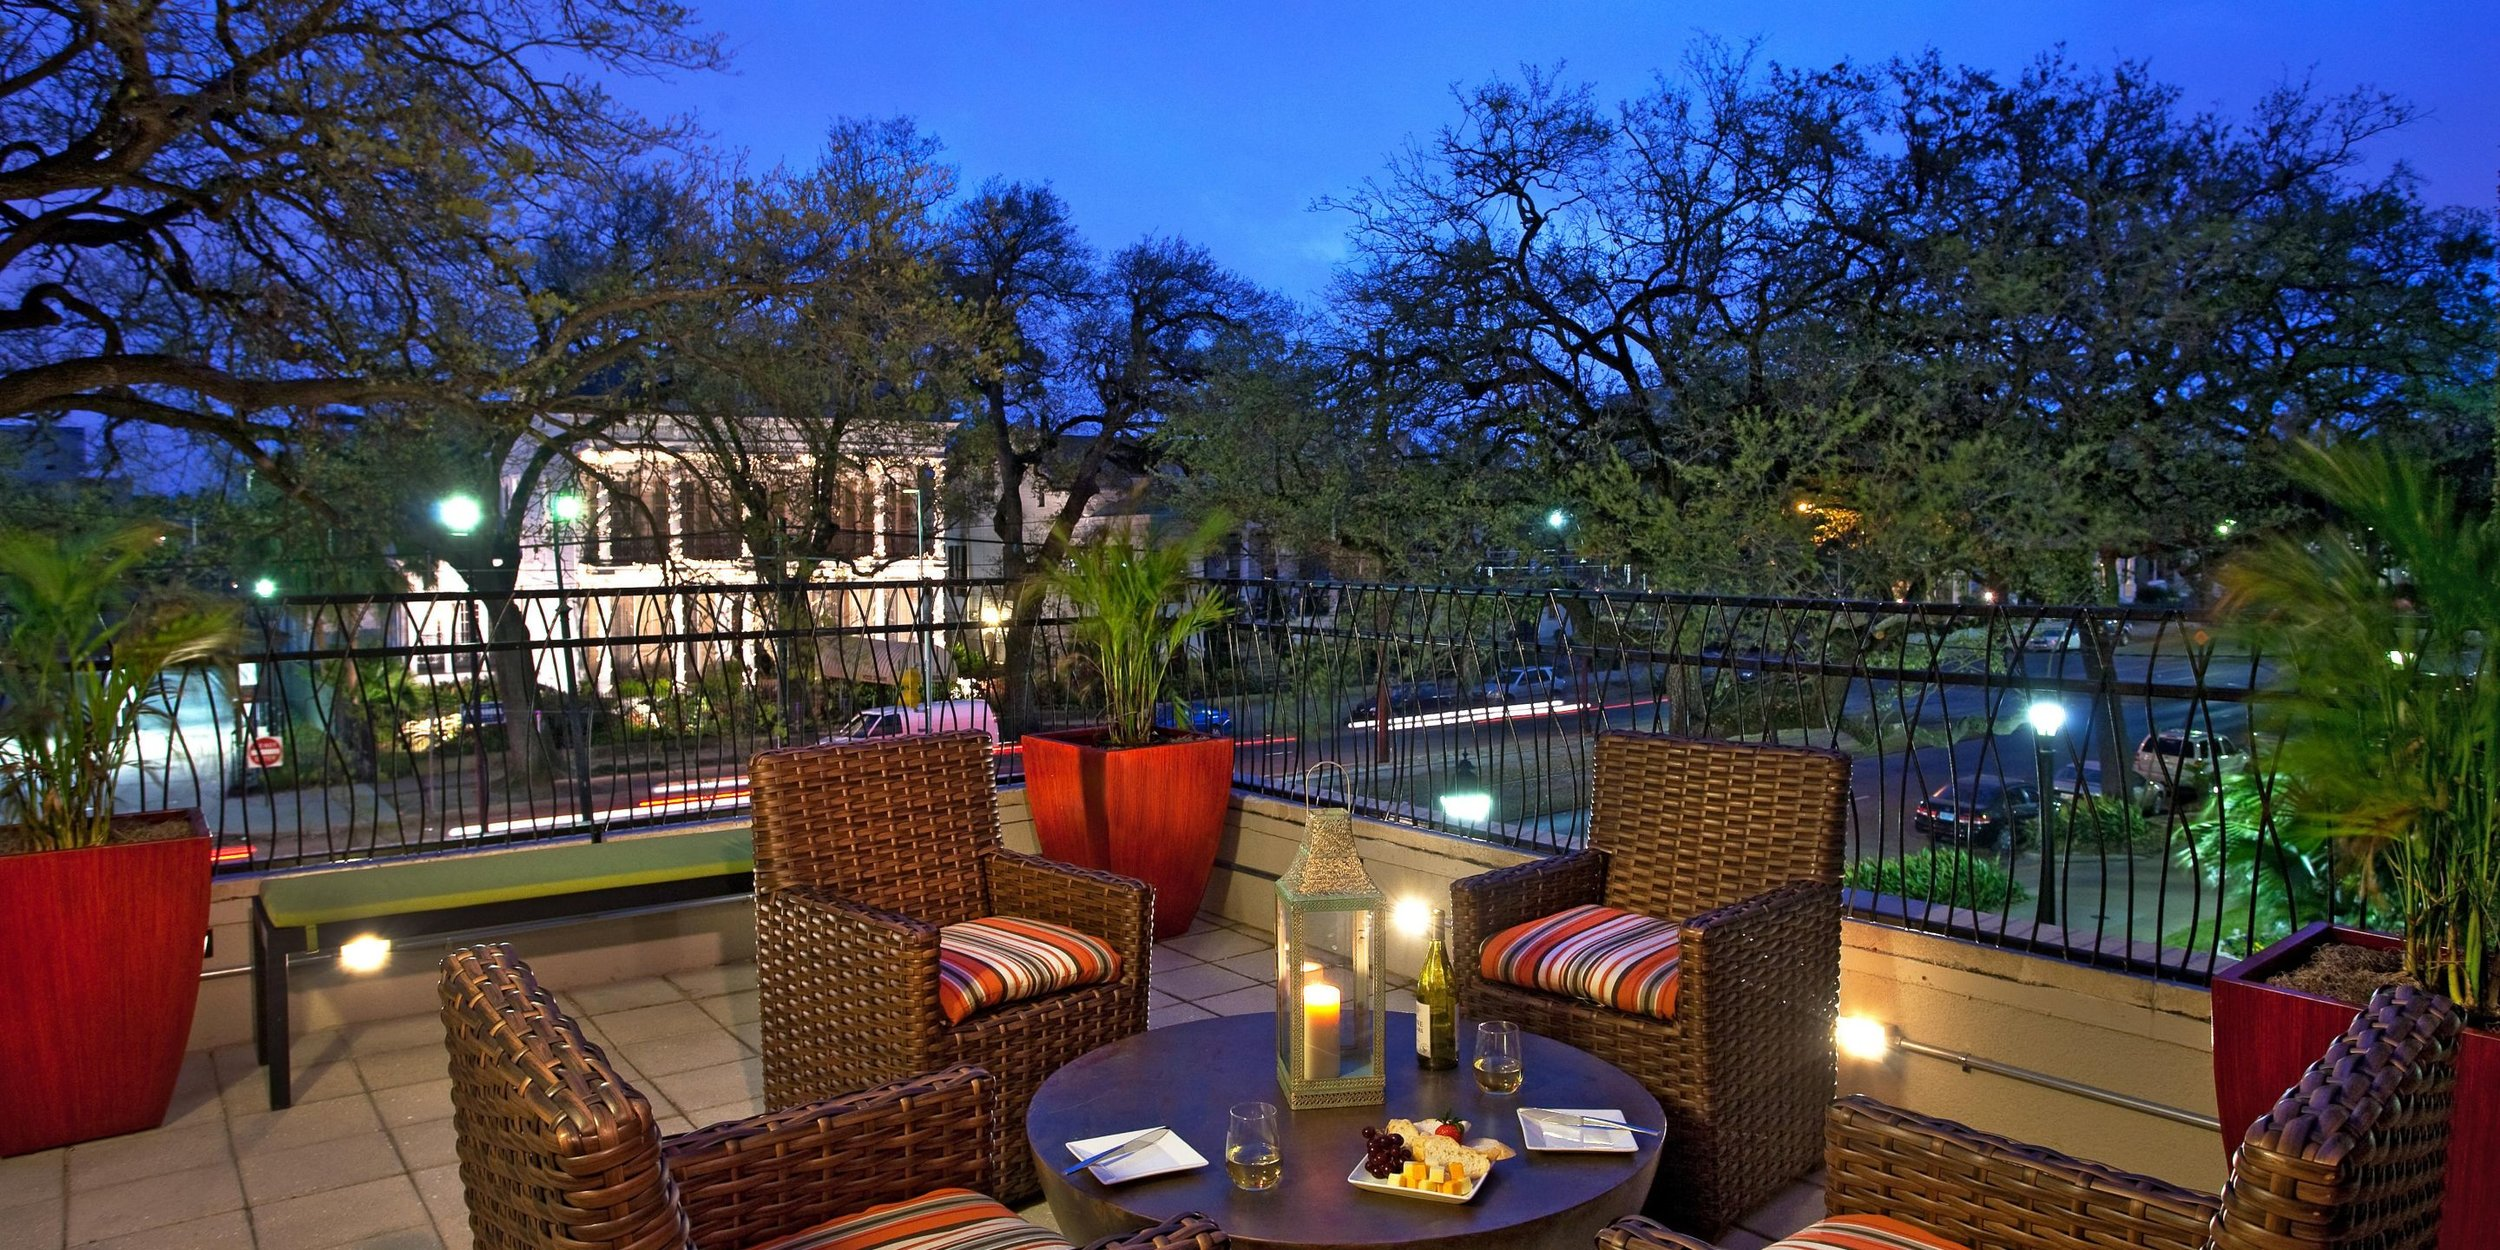 Hotel Indigo, New Orleans